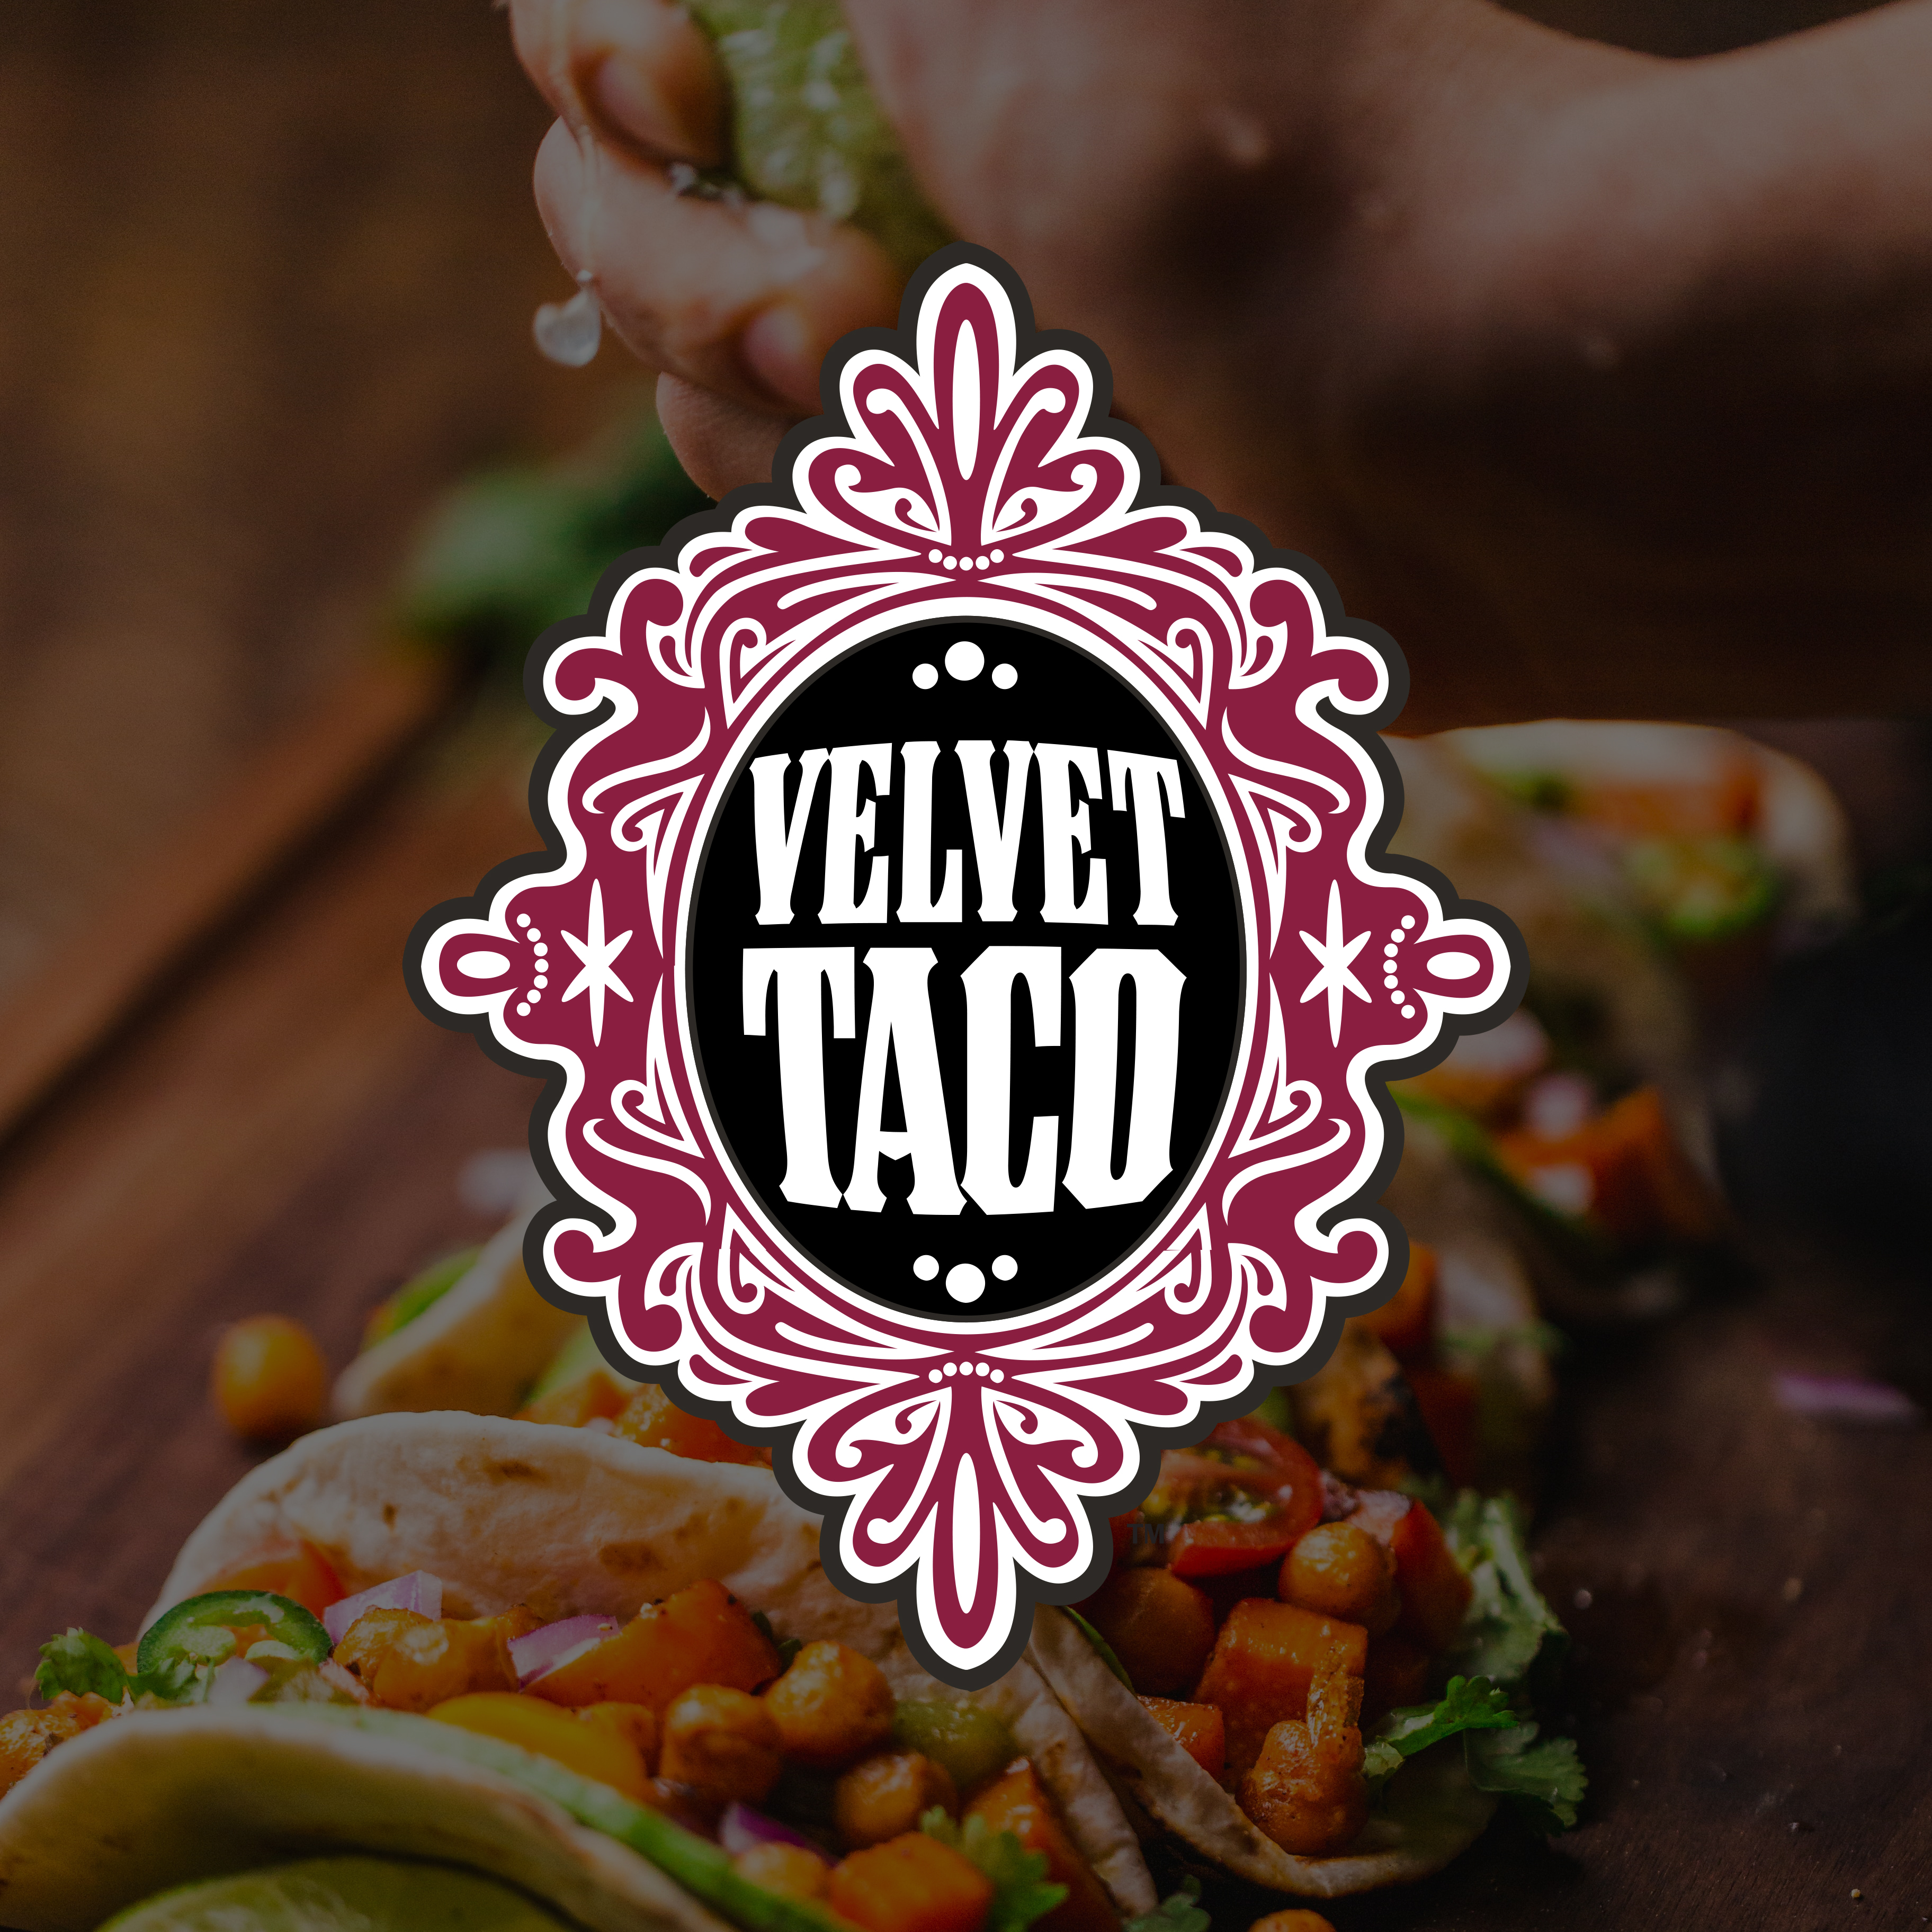 Velvet taco video production thumbnail